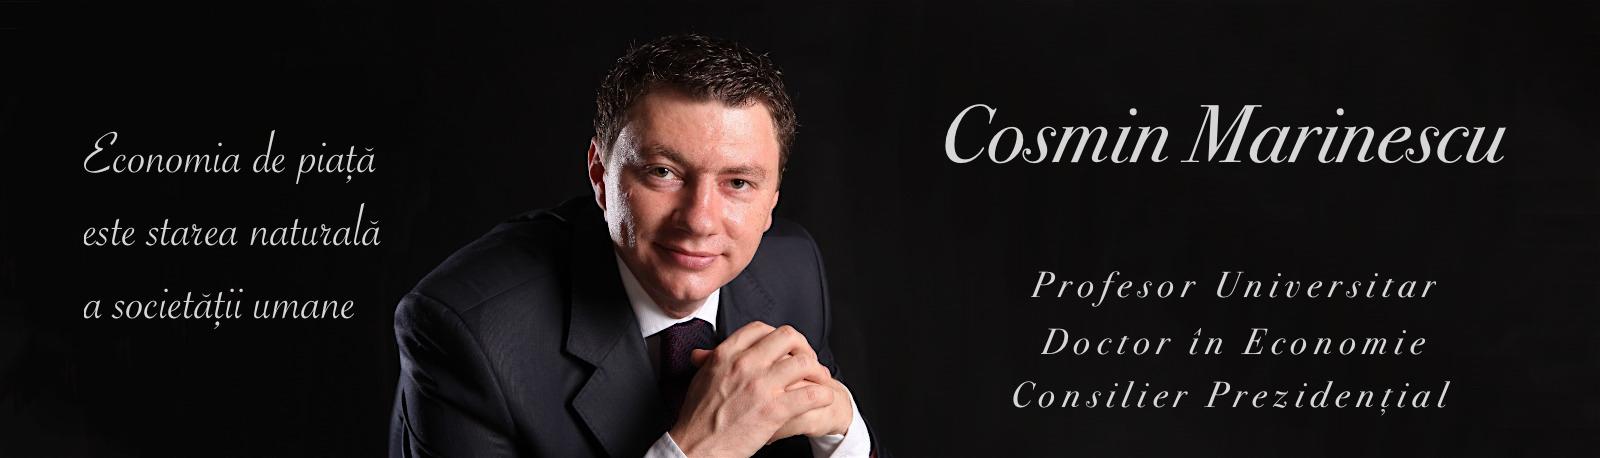 http://cosmin-marinescu.ro/wp-content/uploads/2016/12/Slide-1.jpg